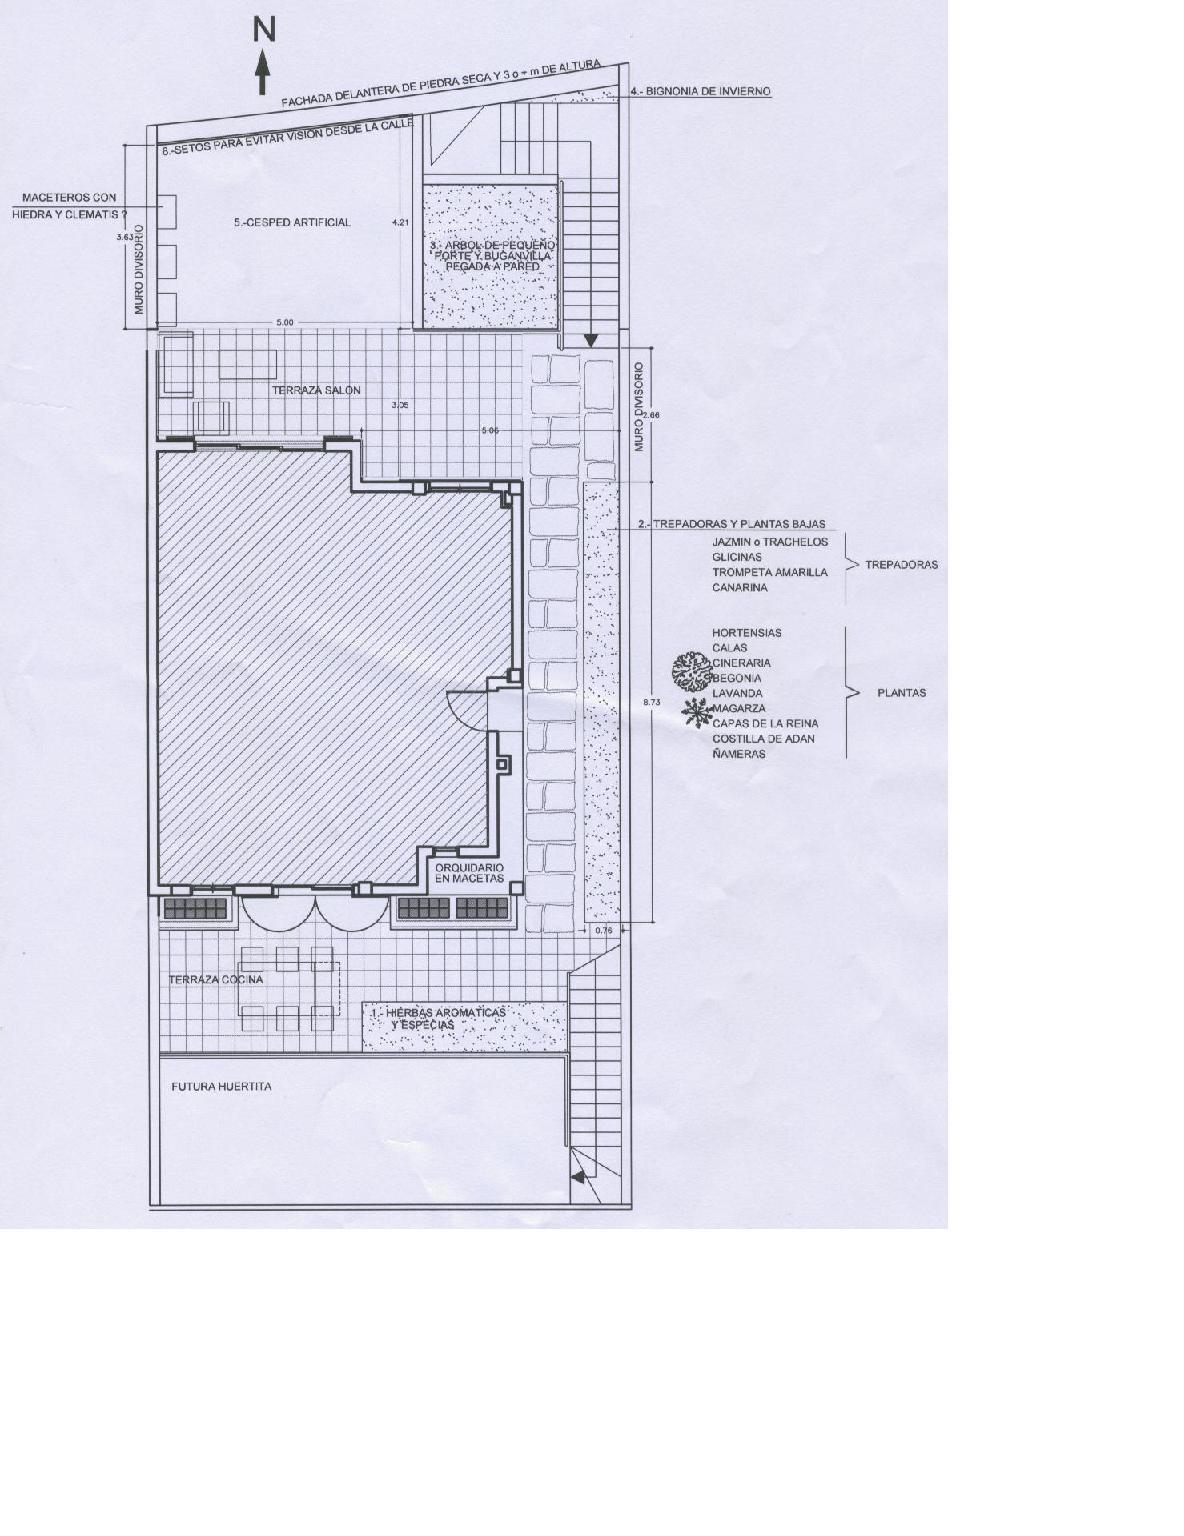 Ayuda para dise ar patio de la casa pongo plano - Disenar planos de casas ...